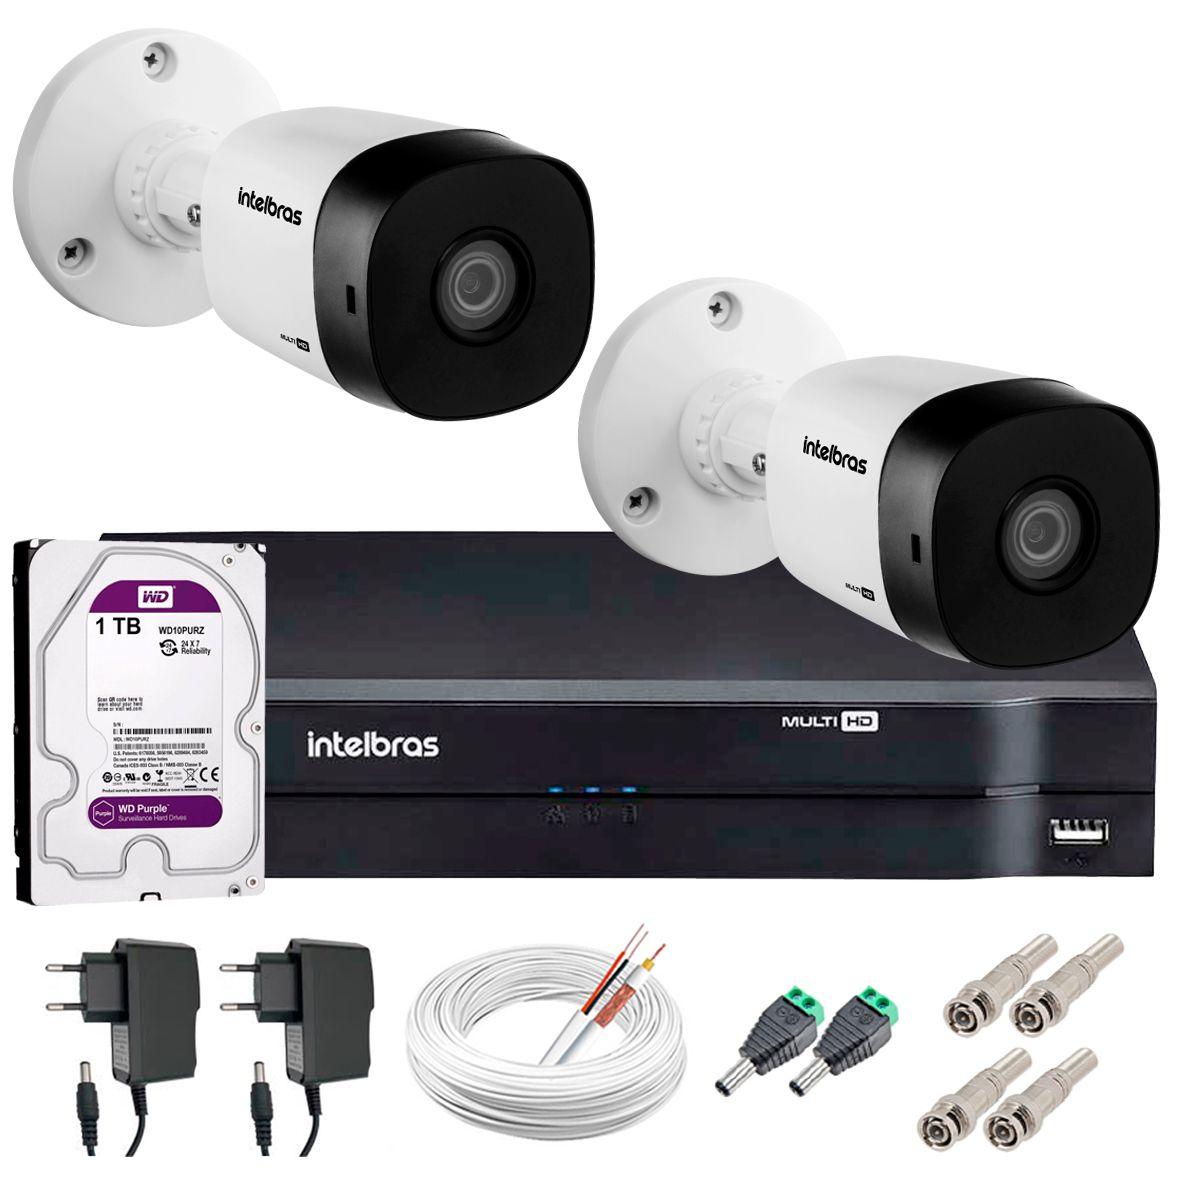 Kit 2 Câmeras VHD 1120 B G5 + DVR Intelbras + HD 1TB para Armazenamento + App Grátis de Monitoramento, Câmeras HD 720p 20m Infravermelho de Visão Noturna Intelbras + Fonte, Cabos e Acessórios  - Tudo Forte